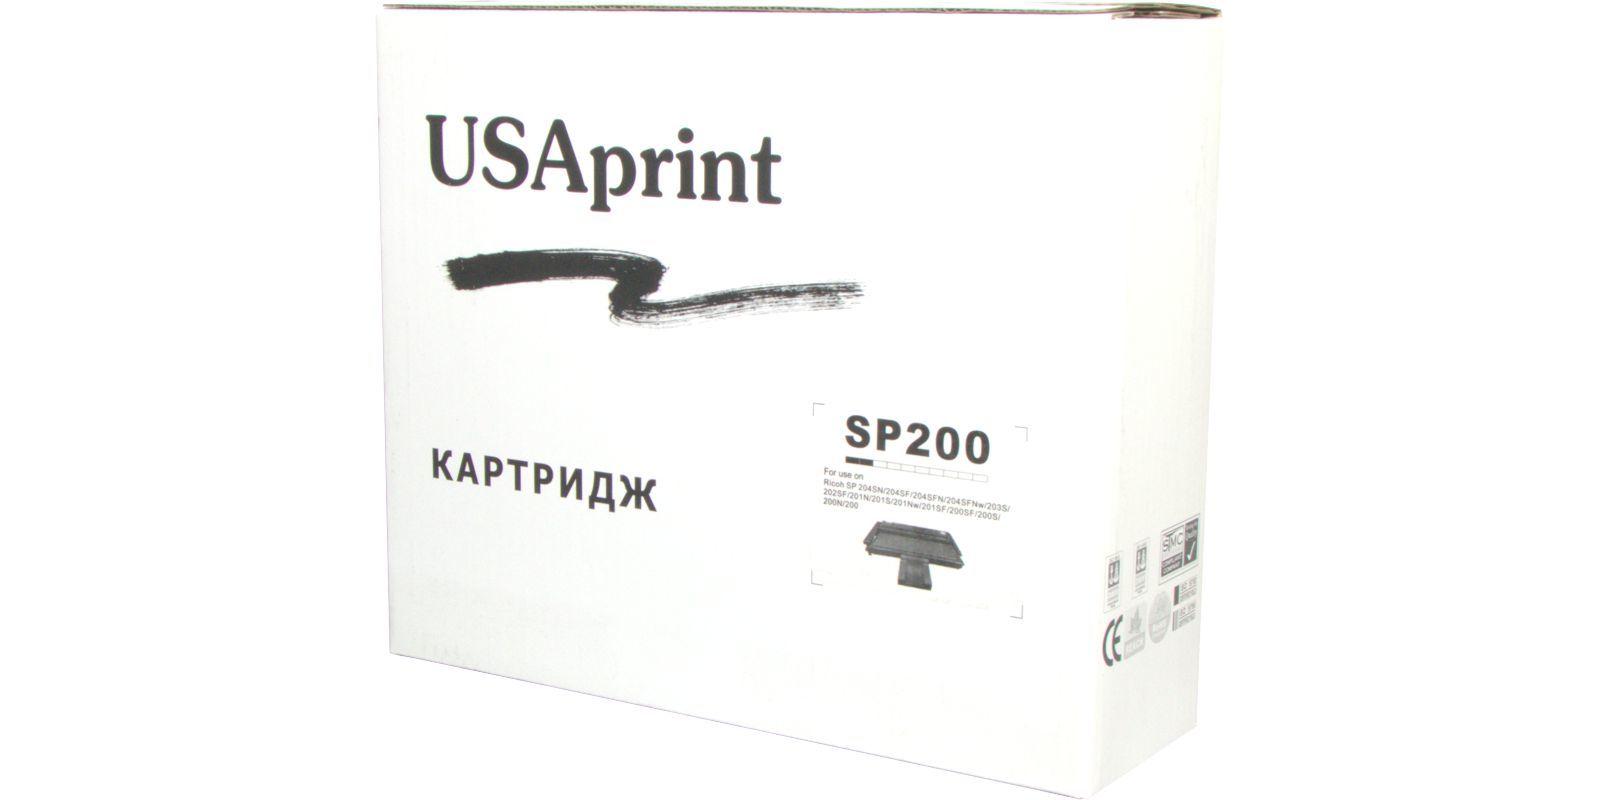 Картридж лазерный USAprint SP200 черный (black), до 2600 стр.